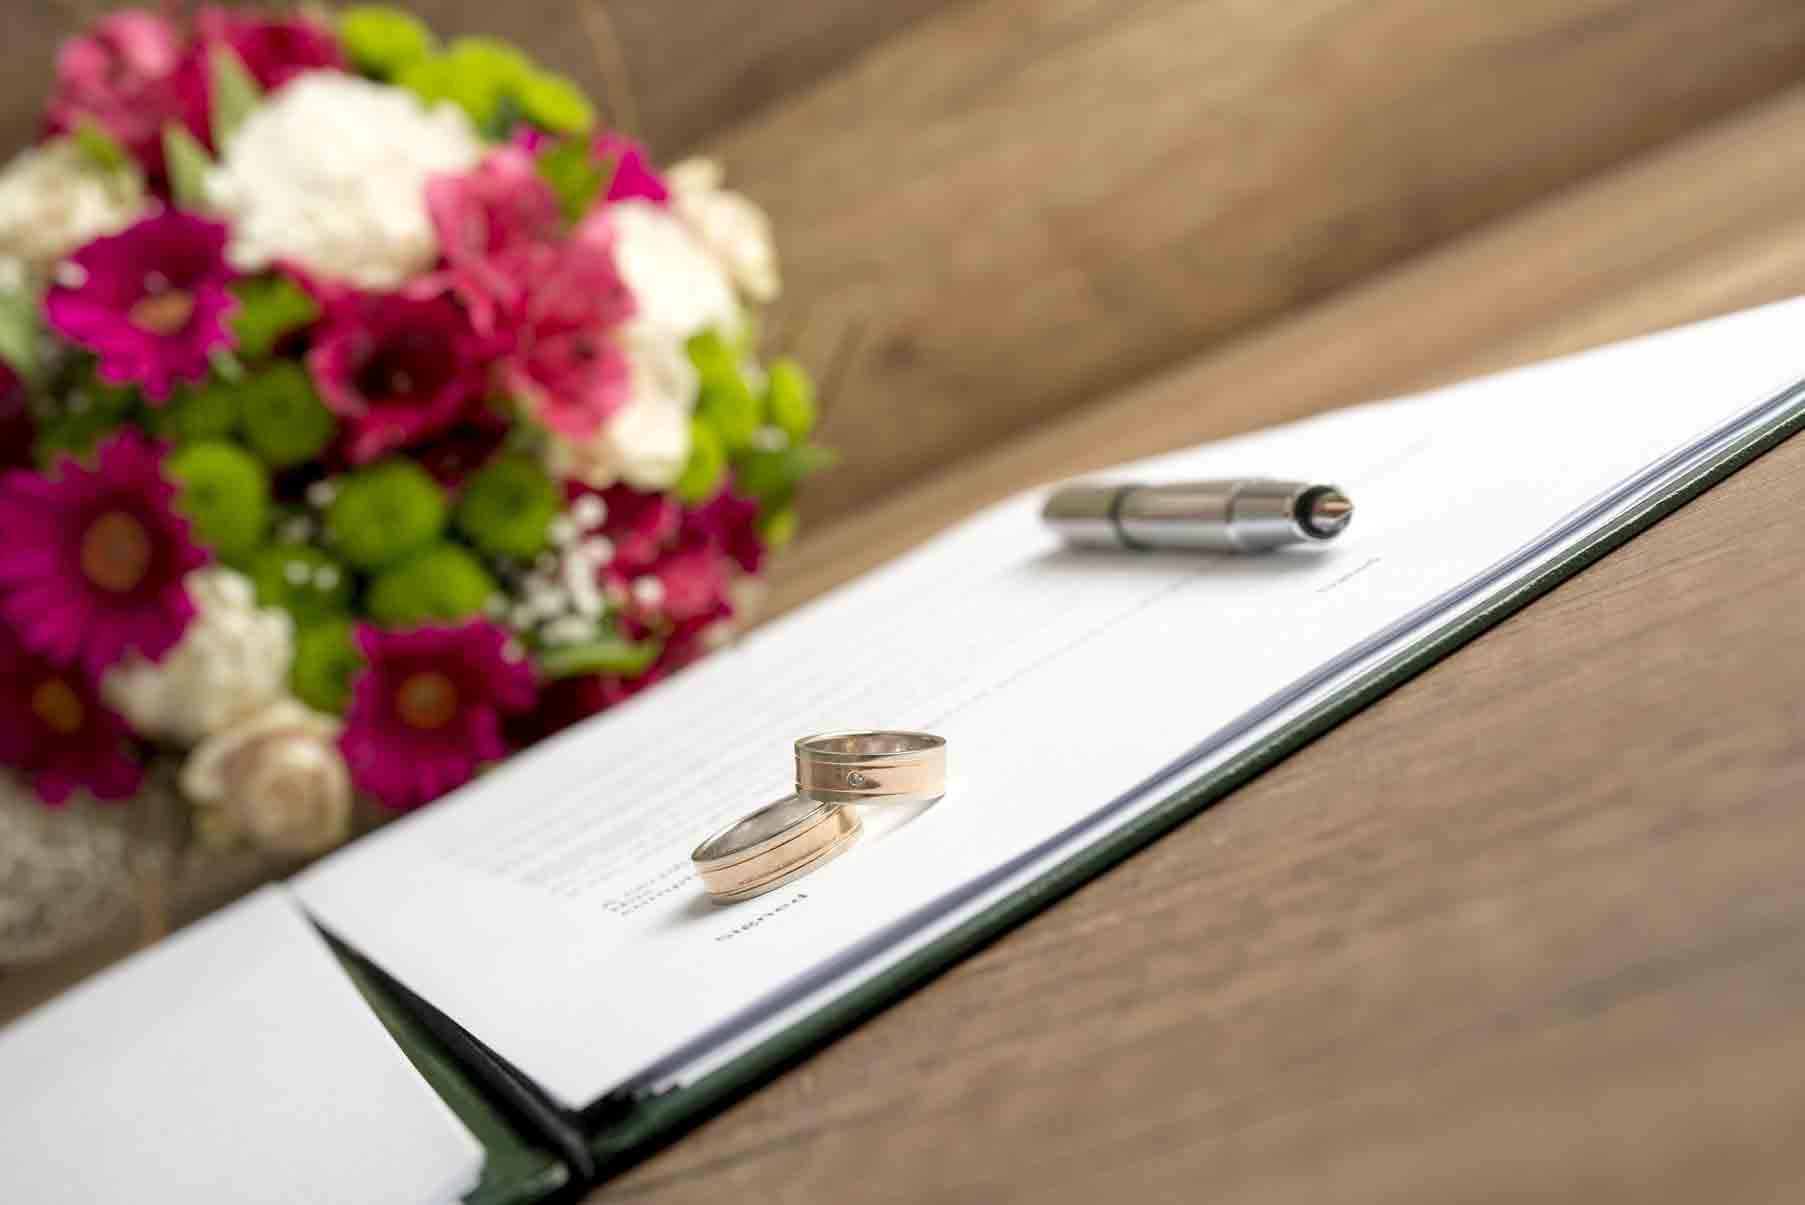 چگونه می توان کمک هزینه ازدواج تامین اجتماعی را دریافت کرد؟